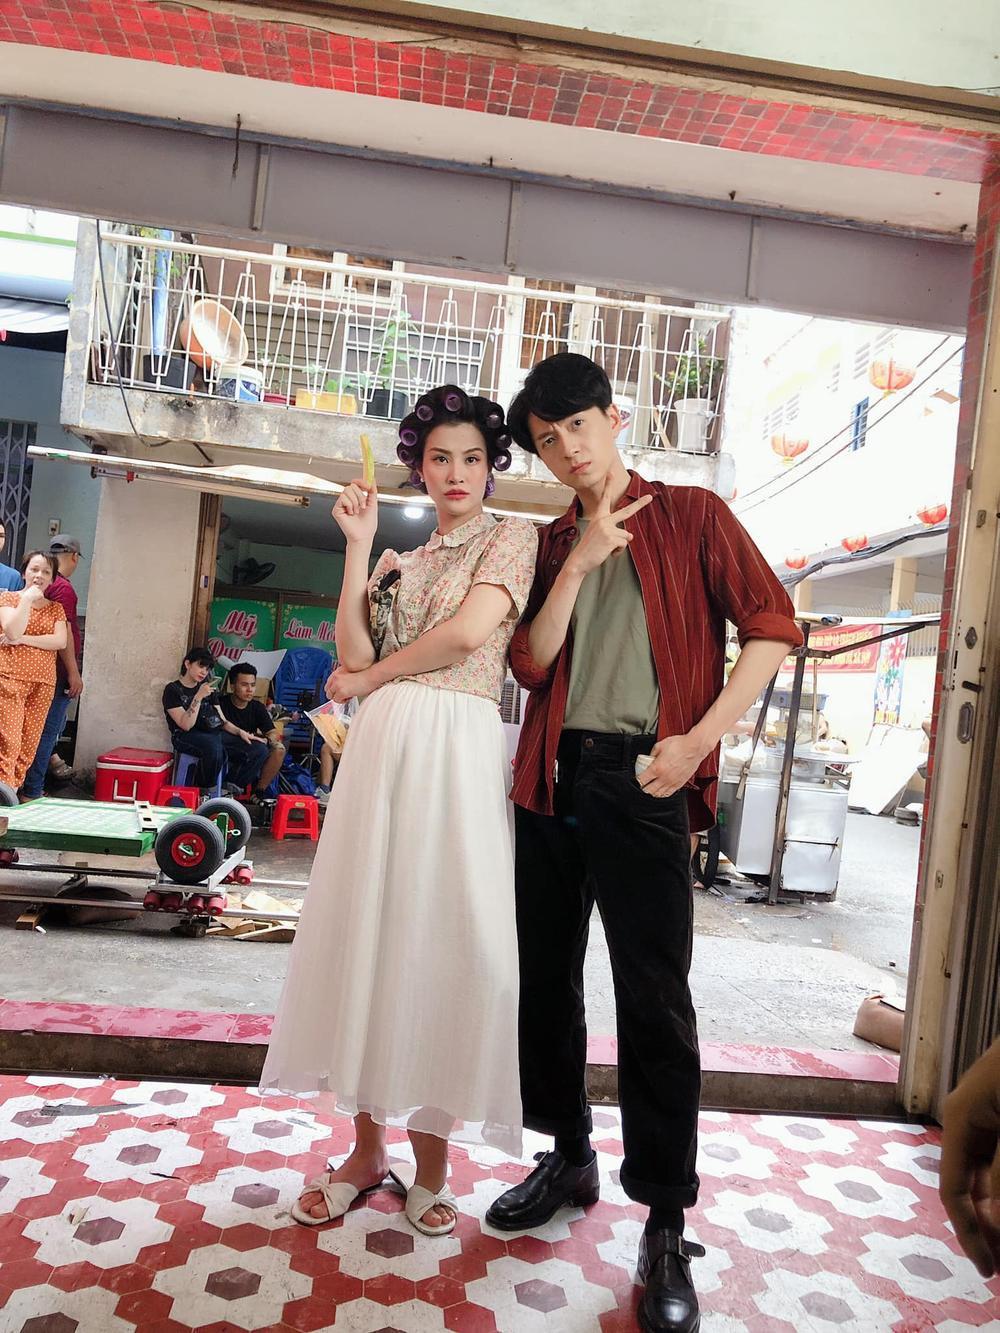 Đông Nhi khoe tạo hình cameo MV Ngô Kiến Huy, Diệu Nhi liền tay rào trước muốn kết hợp... 'đòi nợ' chung? Ảnh 4